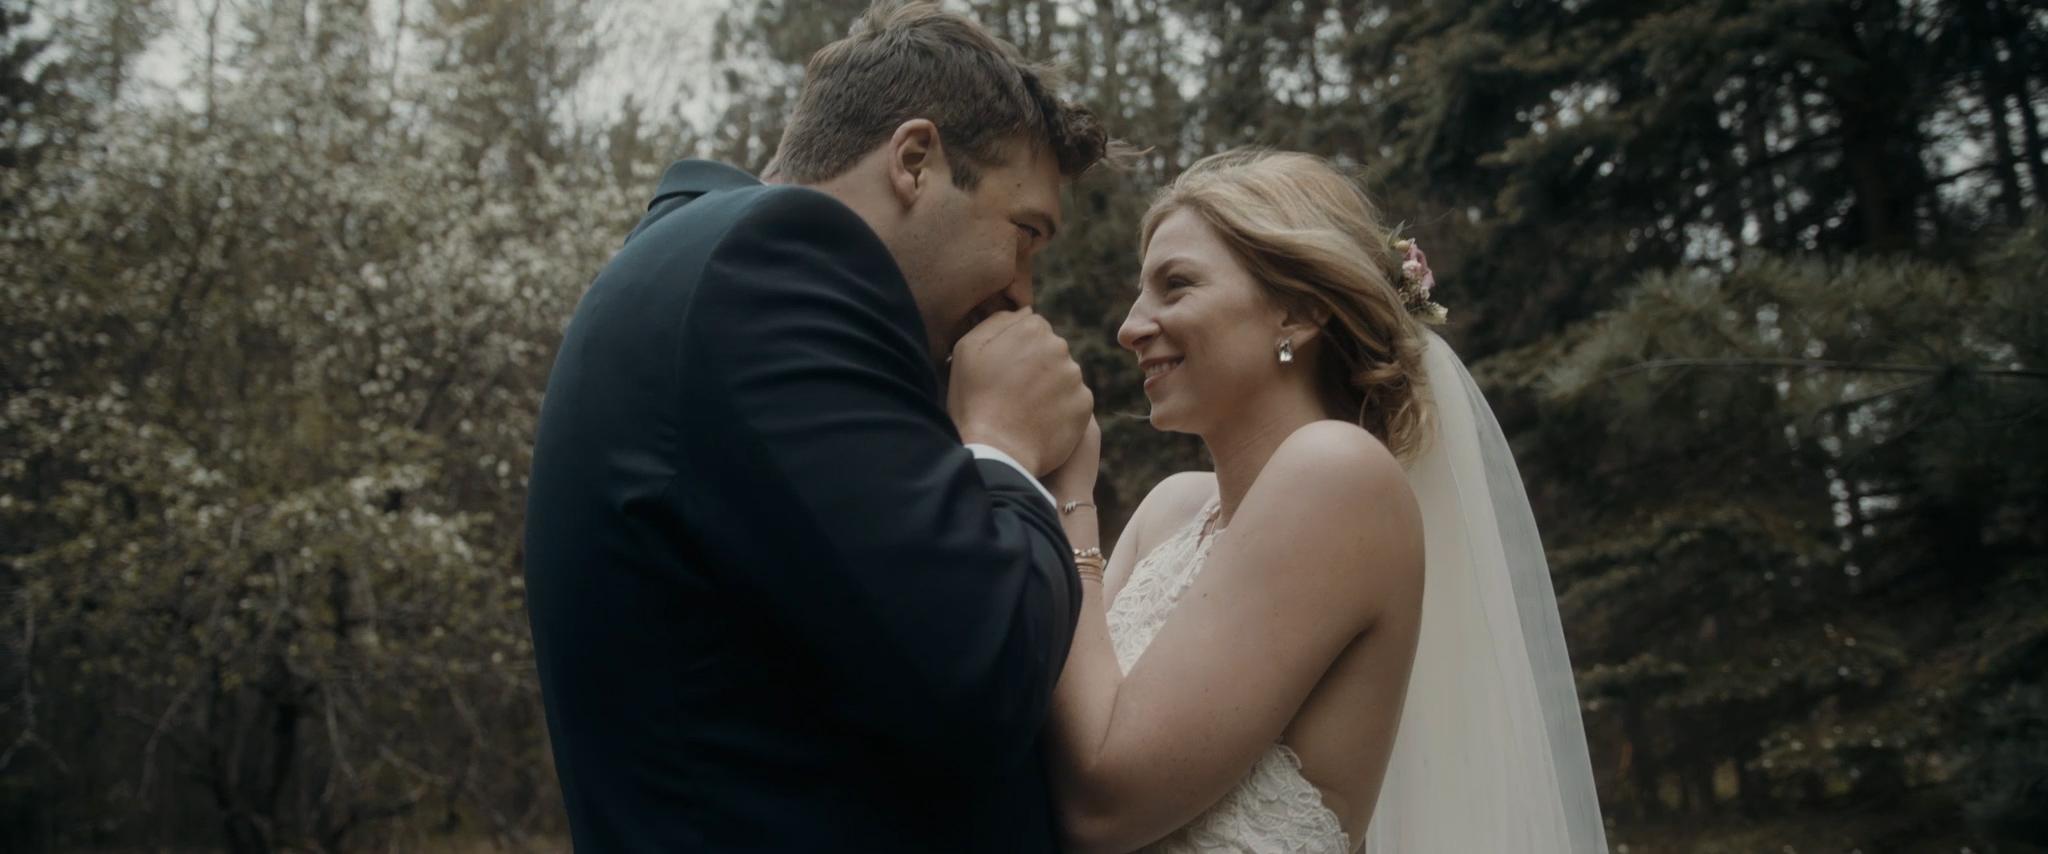 HAVENS_Wedding_Film.00_06_22_21.Still070.jpg